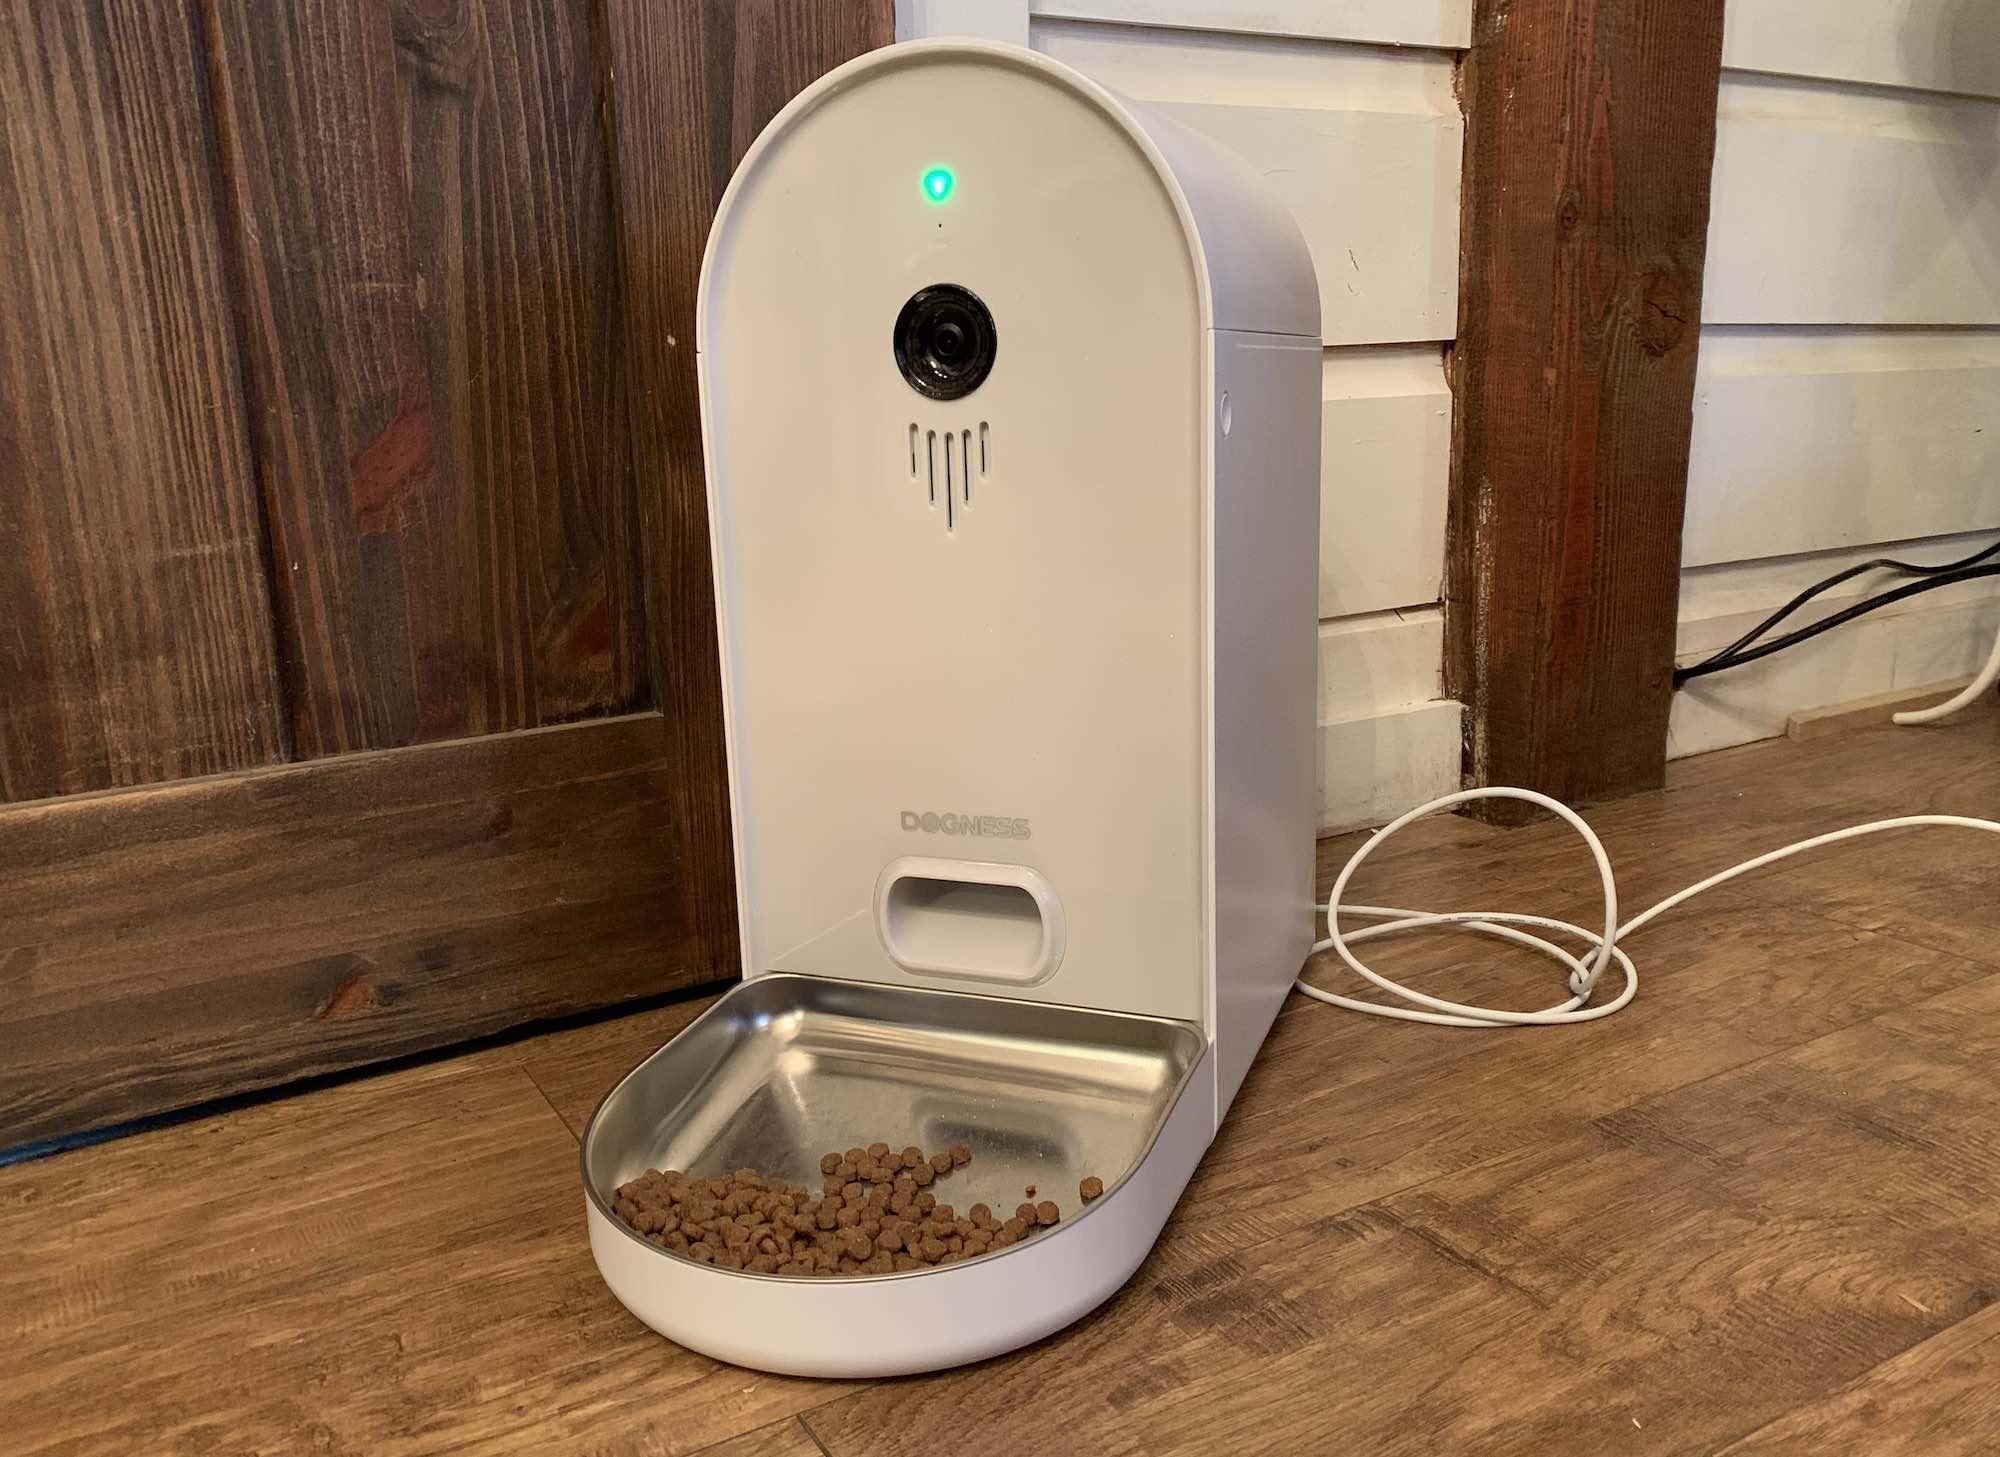 Apparence et fonctionnalités de la Gamelle Smart Cam de Dogness